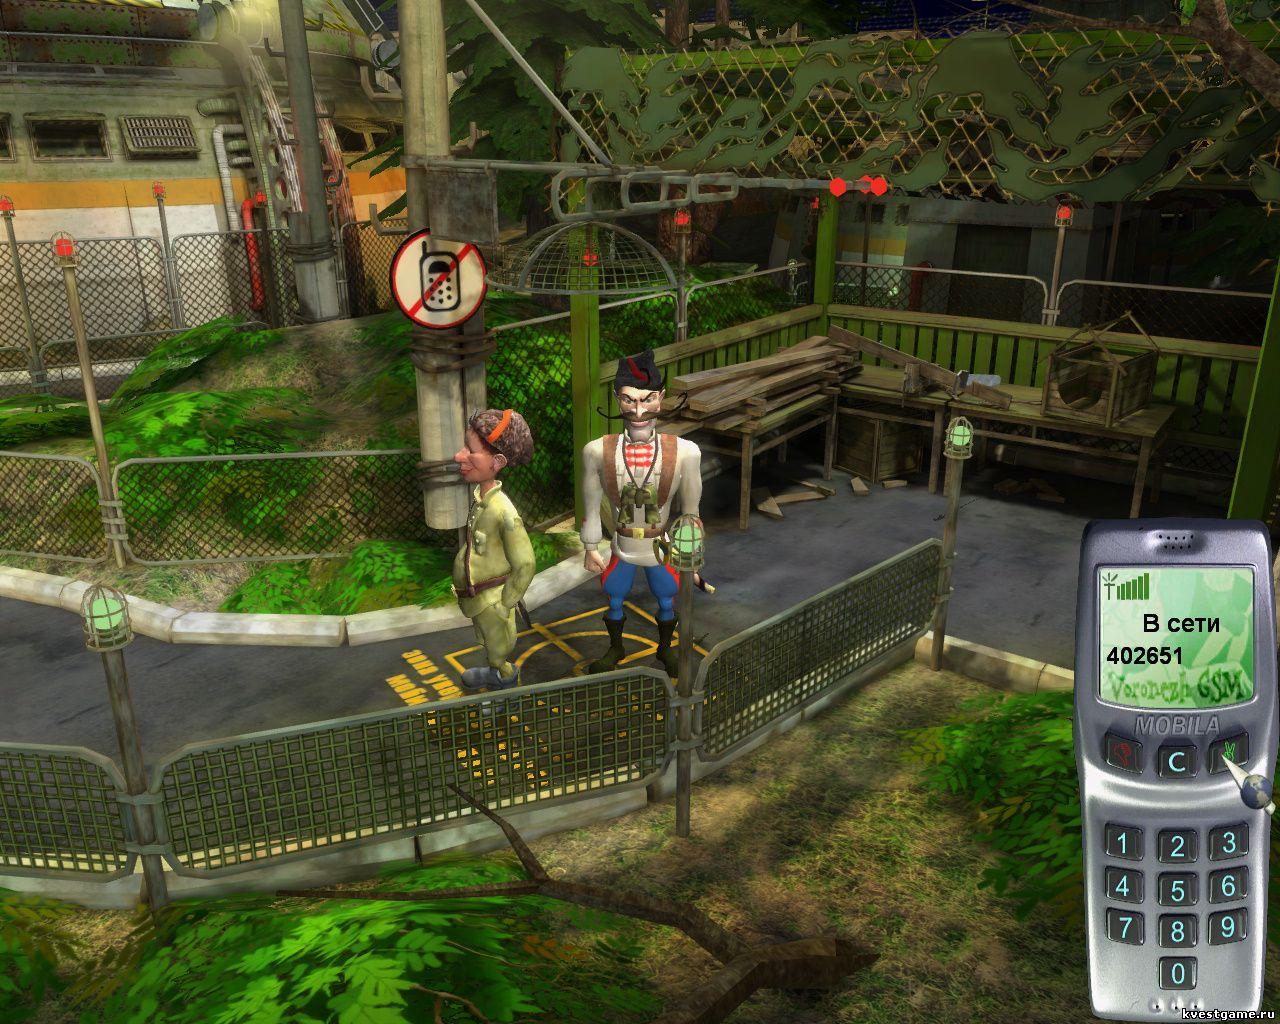 Петька 9 - Чапаев узнает телефон в бункер (уровень 5)